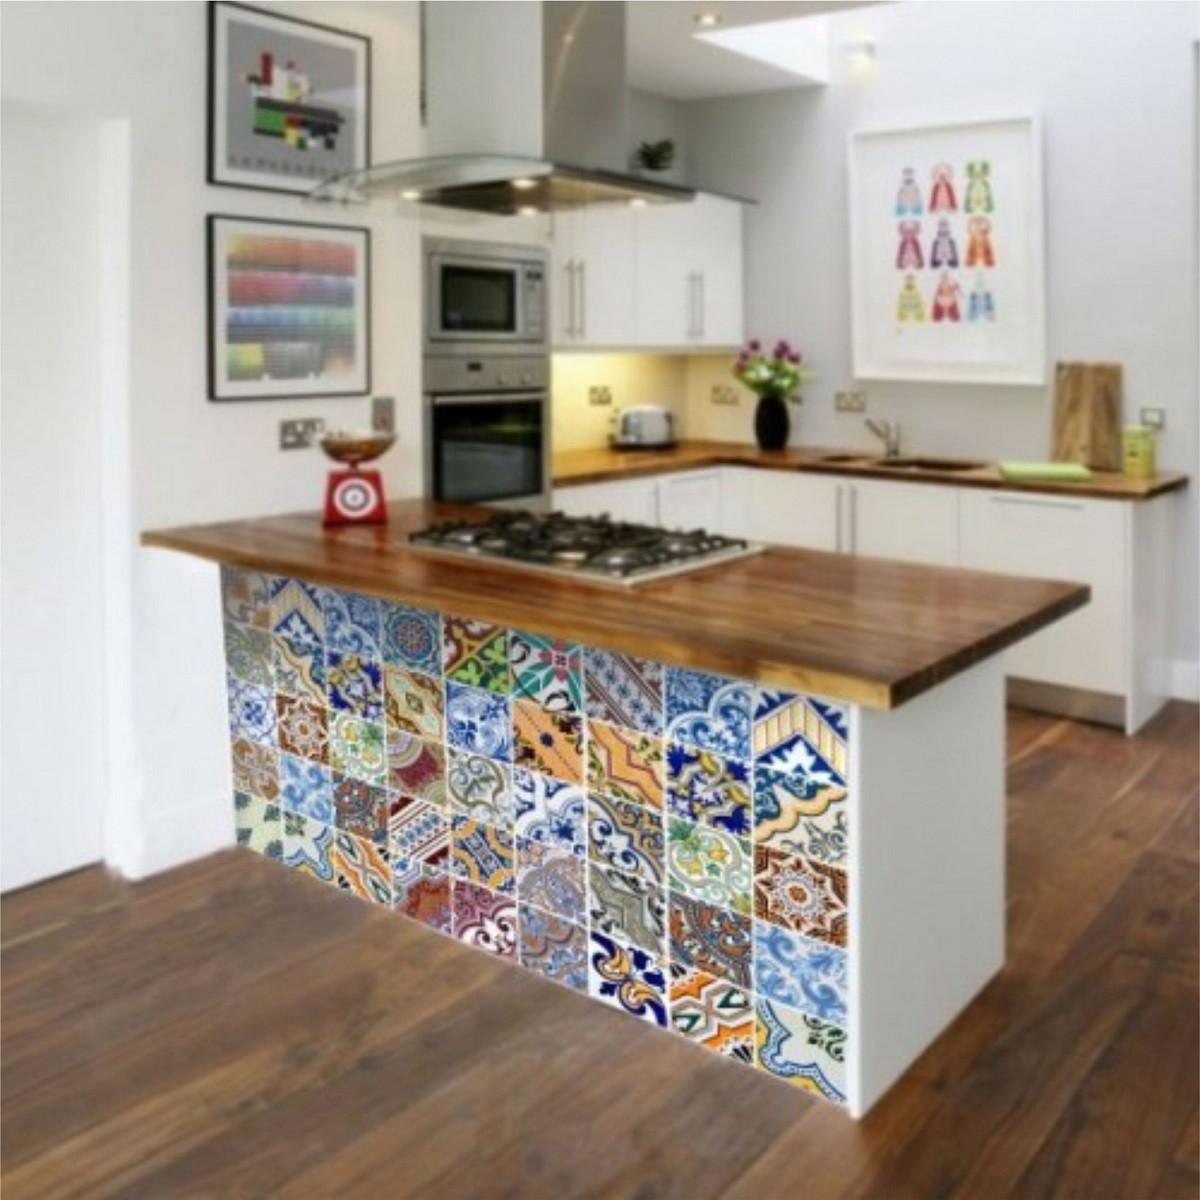 Adesivo de cozinha 431 adesivos comprar e colar elo7 Donde comprar vinilos para azulejos